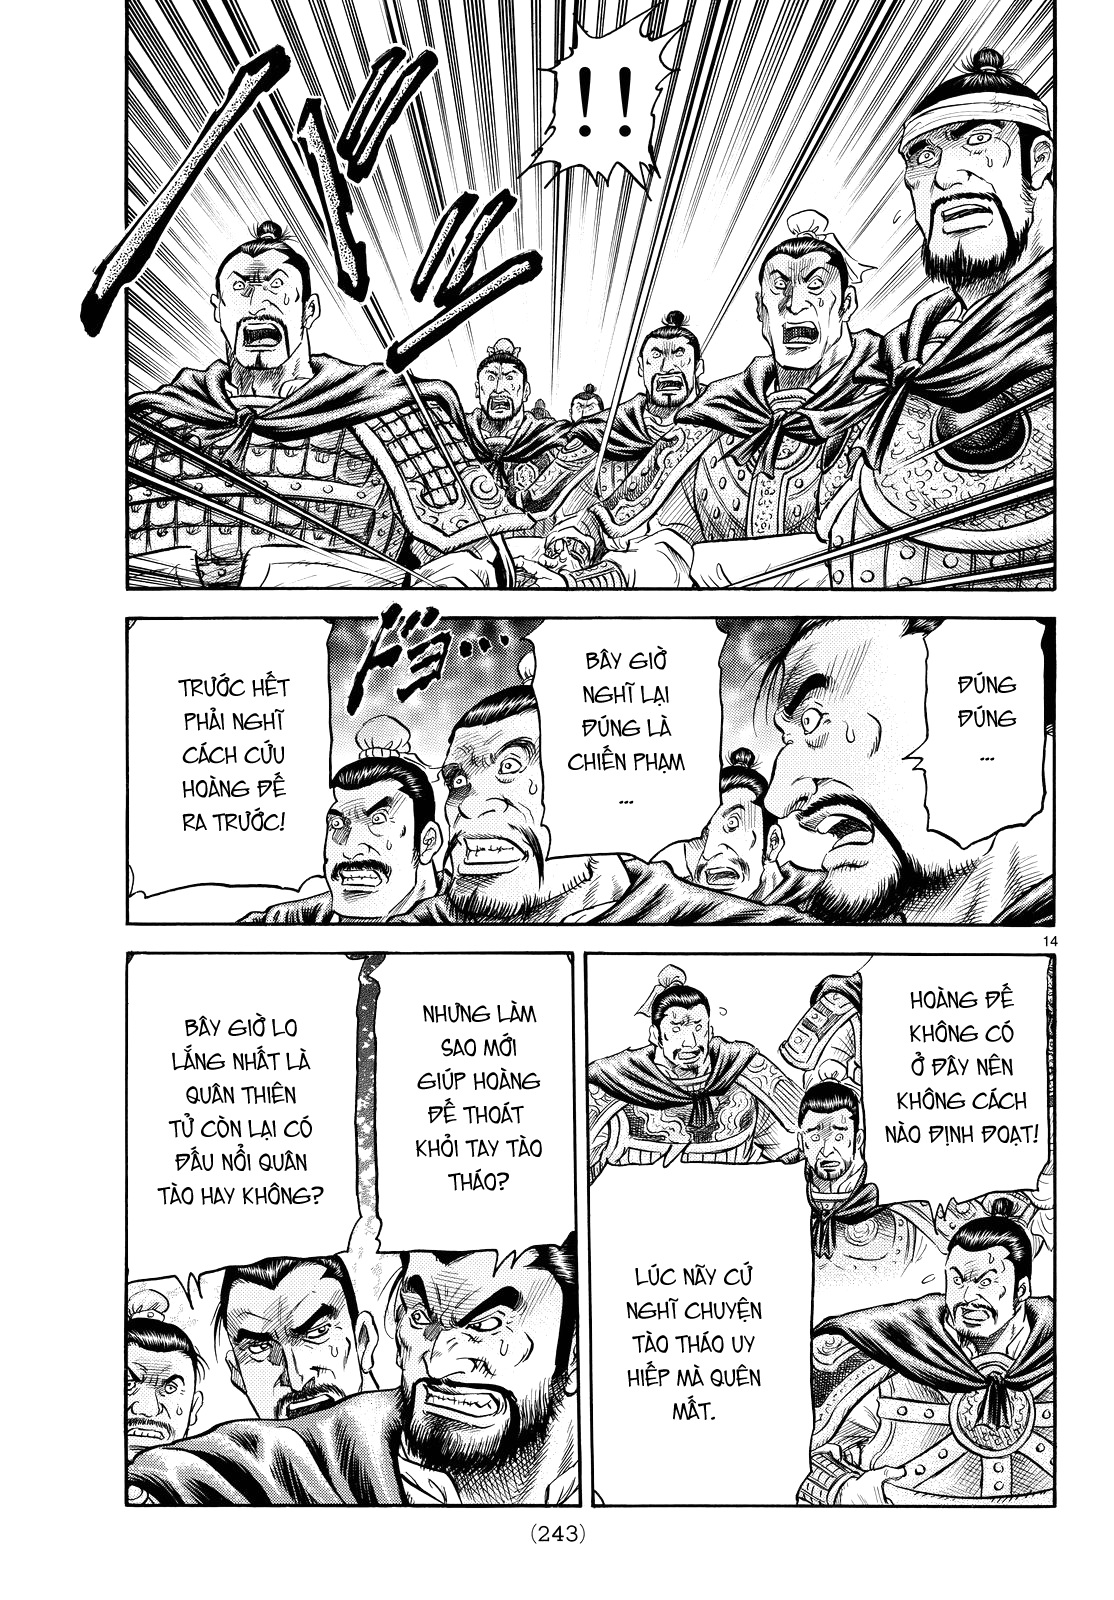 Chú Bé Rồng - Ryuuroden chap 266 - Trang 14